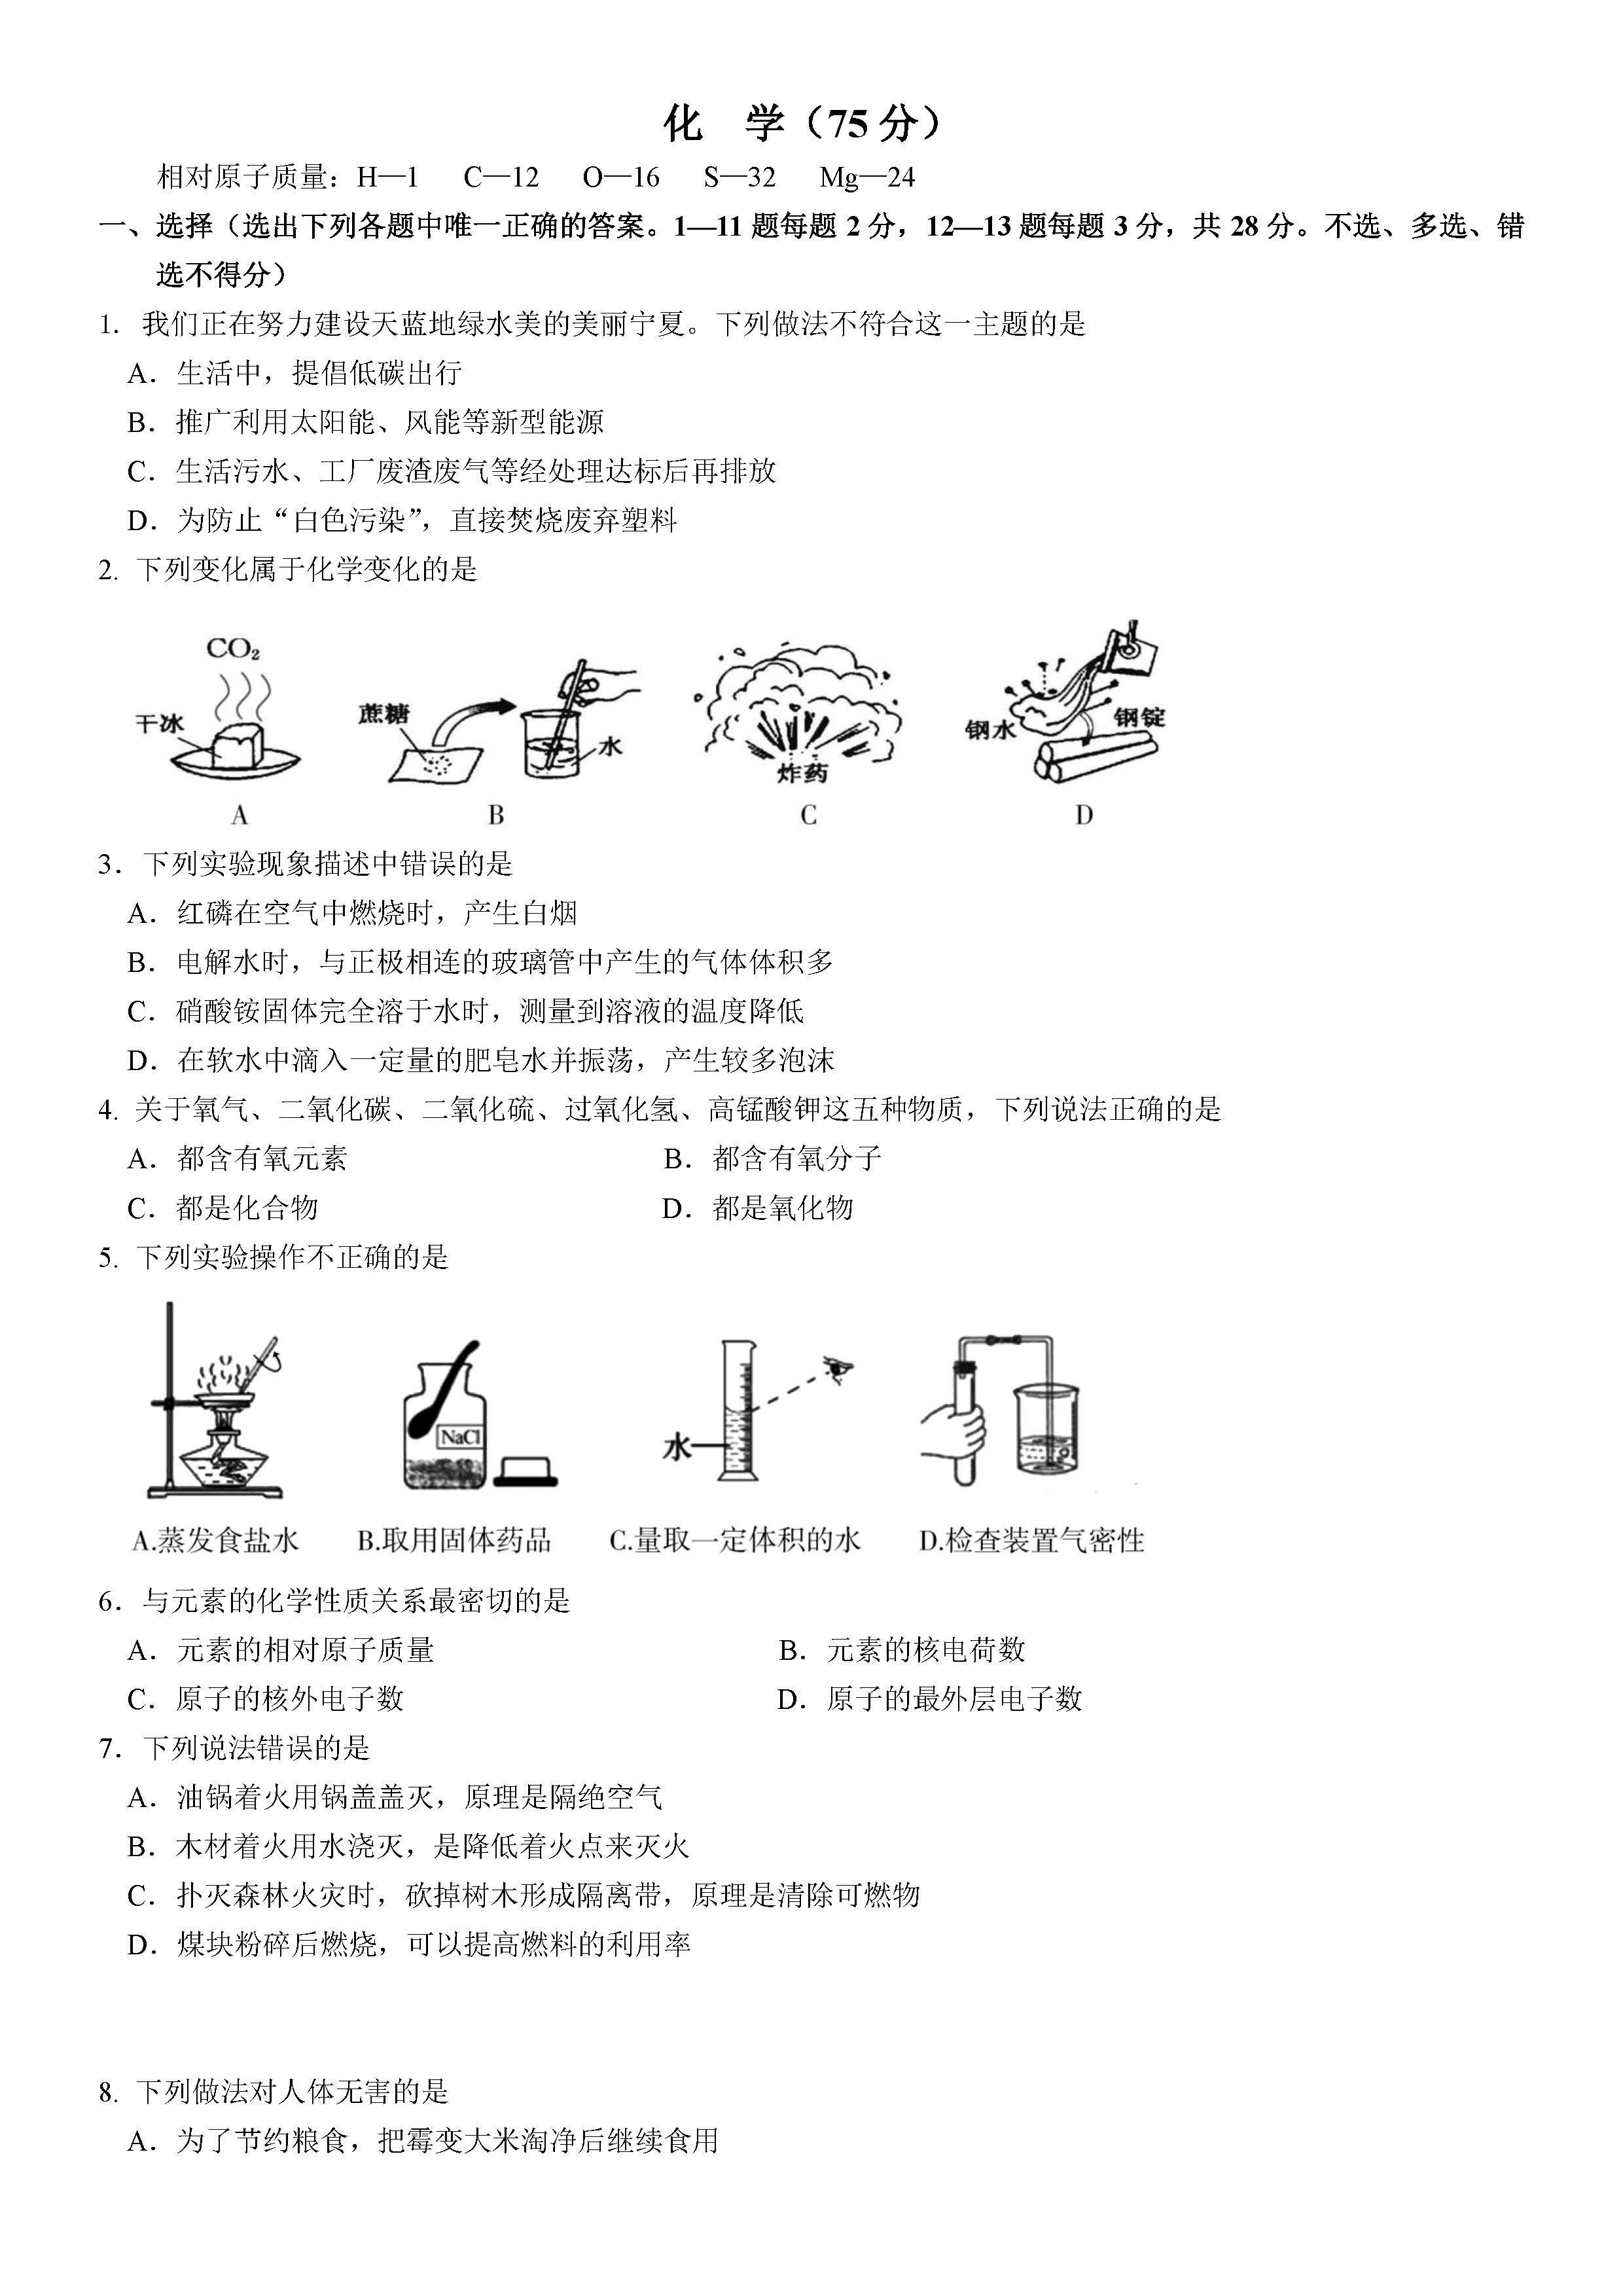 2018宁夏中考化学试题及答案解析(图片版)